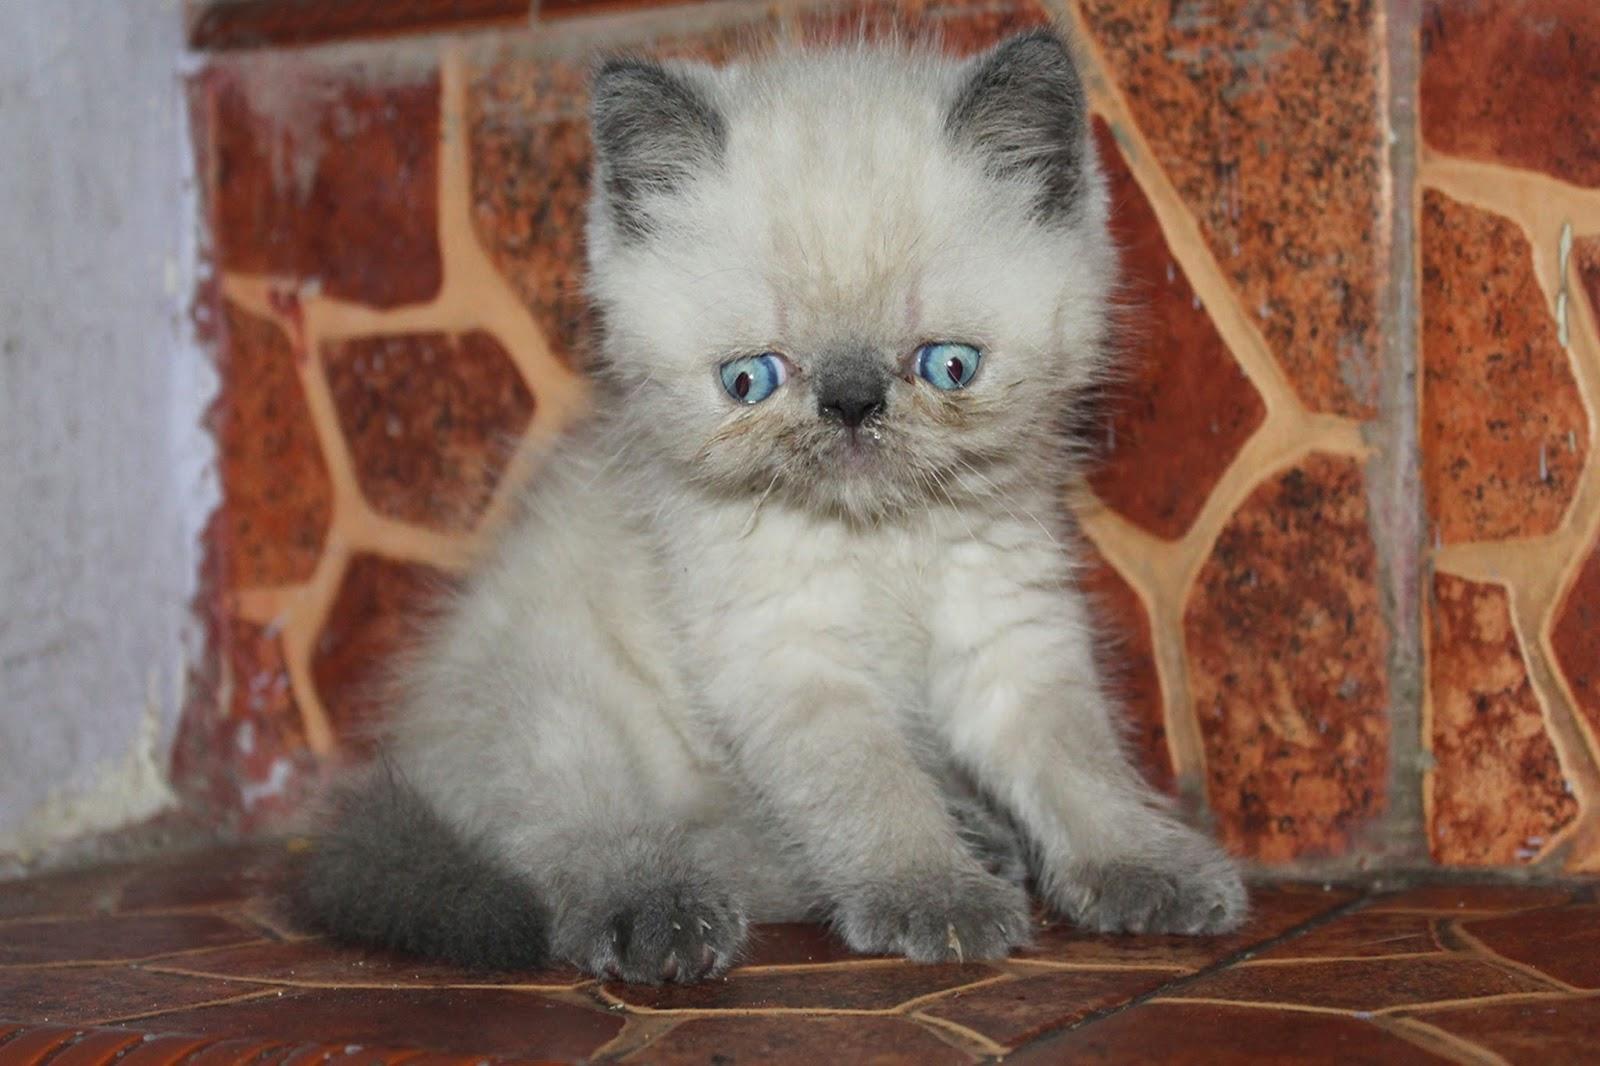 Harga Kucing Persia Peaknose Segitu Petshop